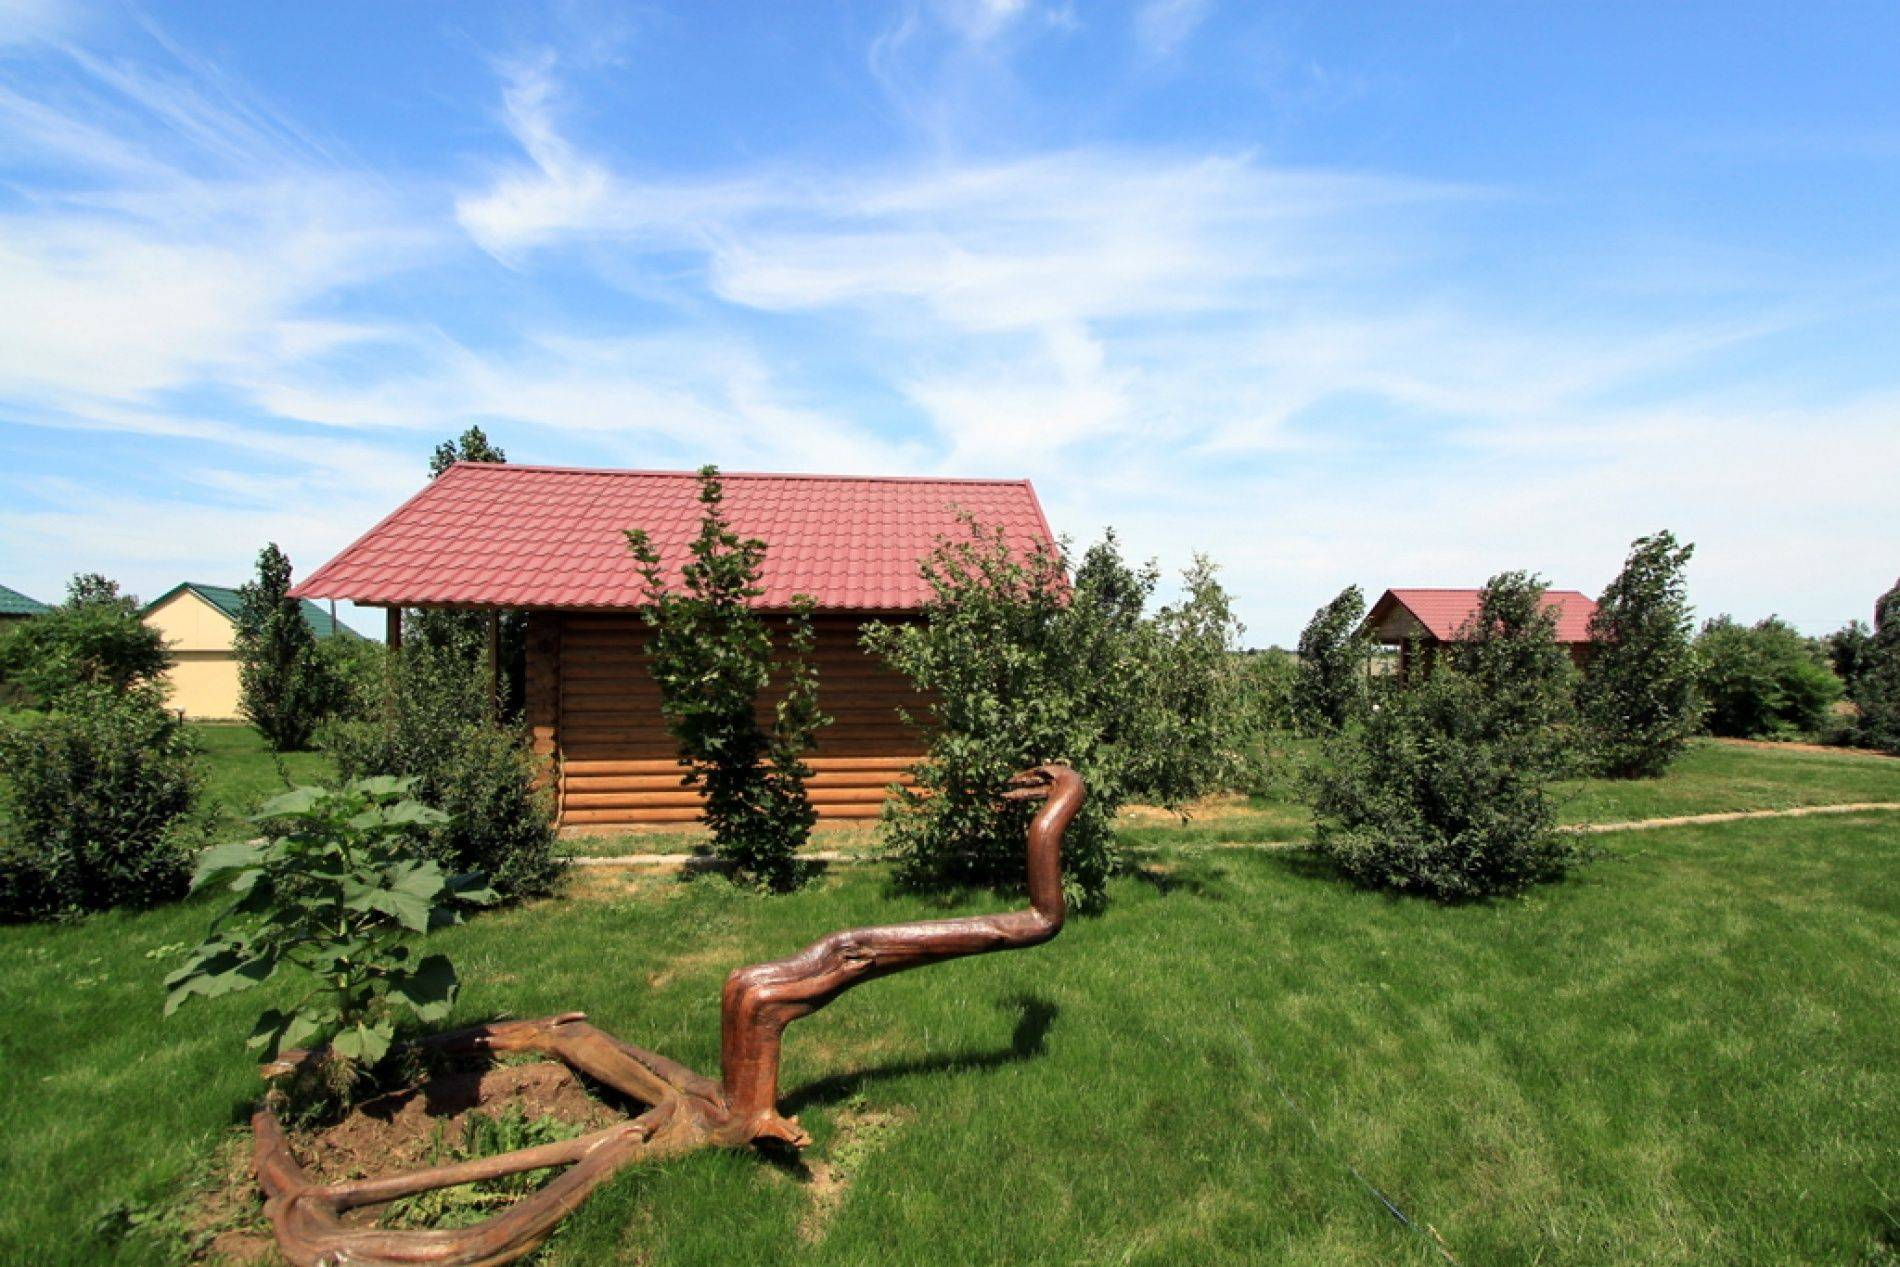 База отдыха «дедушкин хутор» енотаевский район, в астраханской области - цены 2020, фото, отзывы